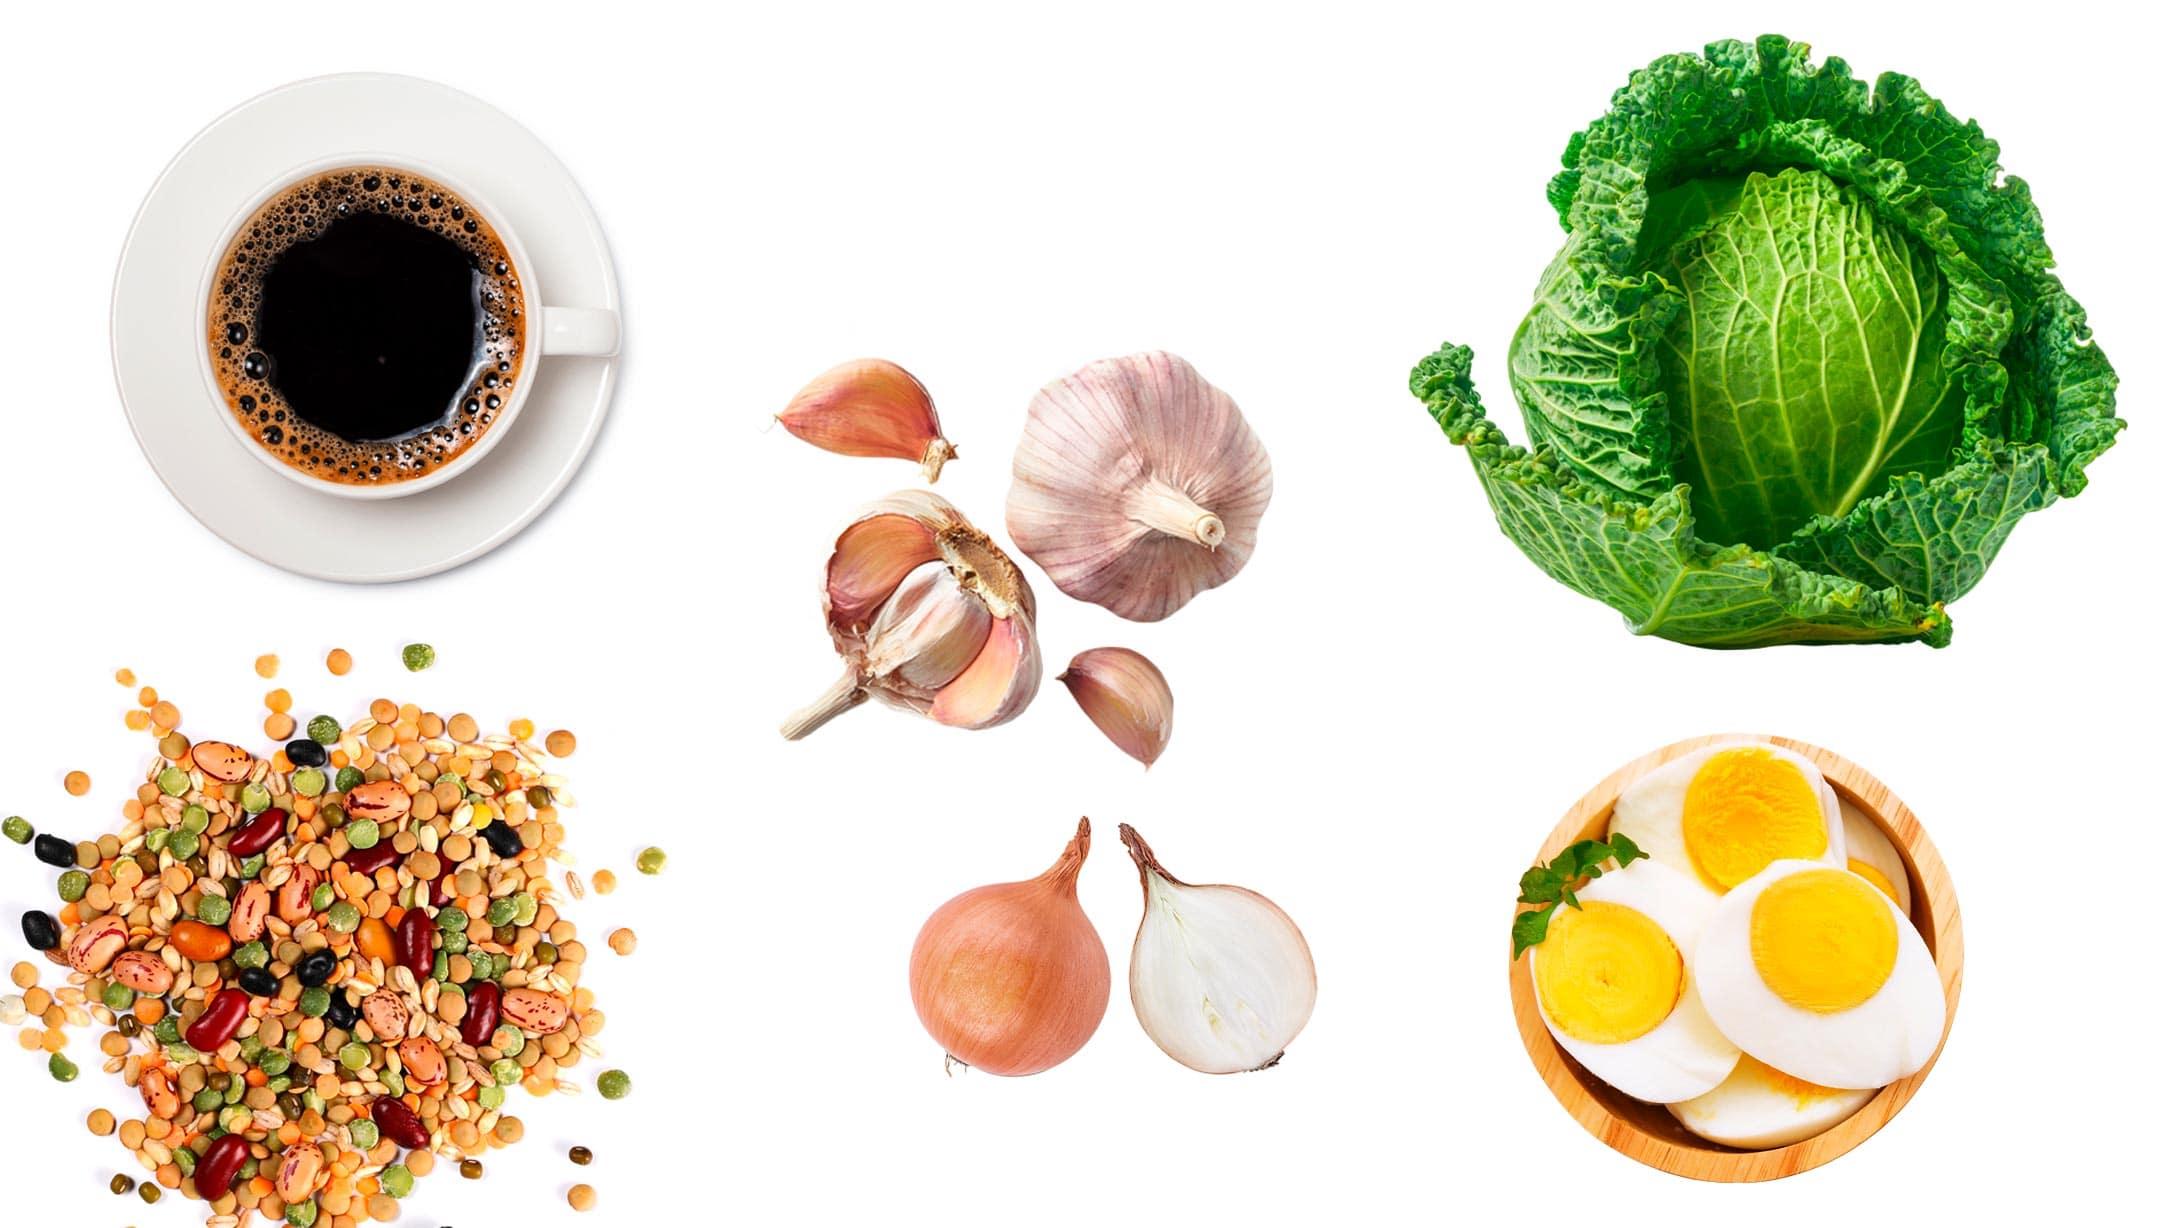 Abbildung Kaffe, Bohnen, Eier, Knoblauch und Kohl